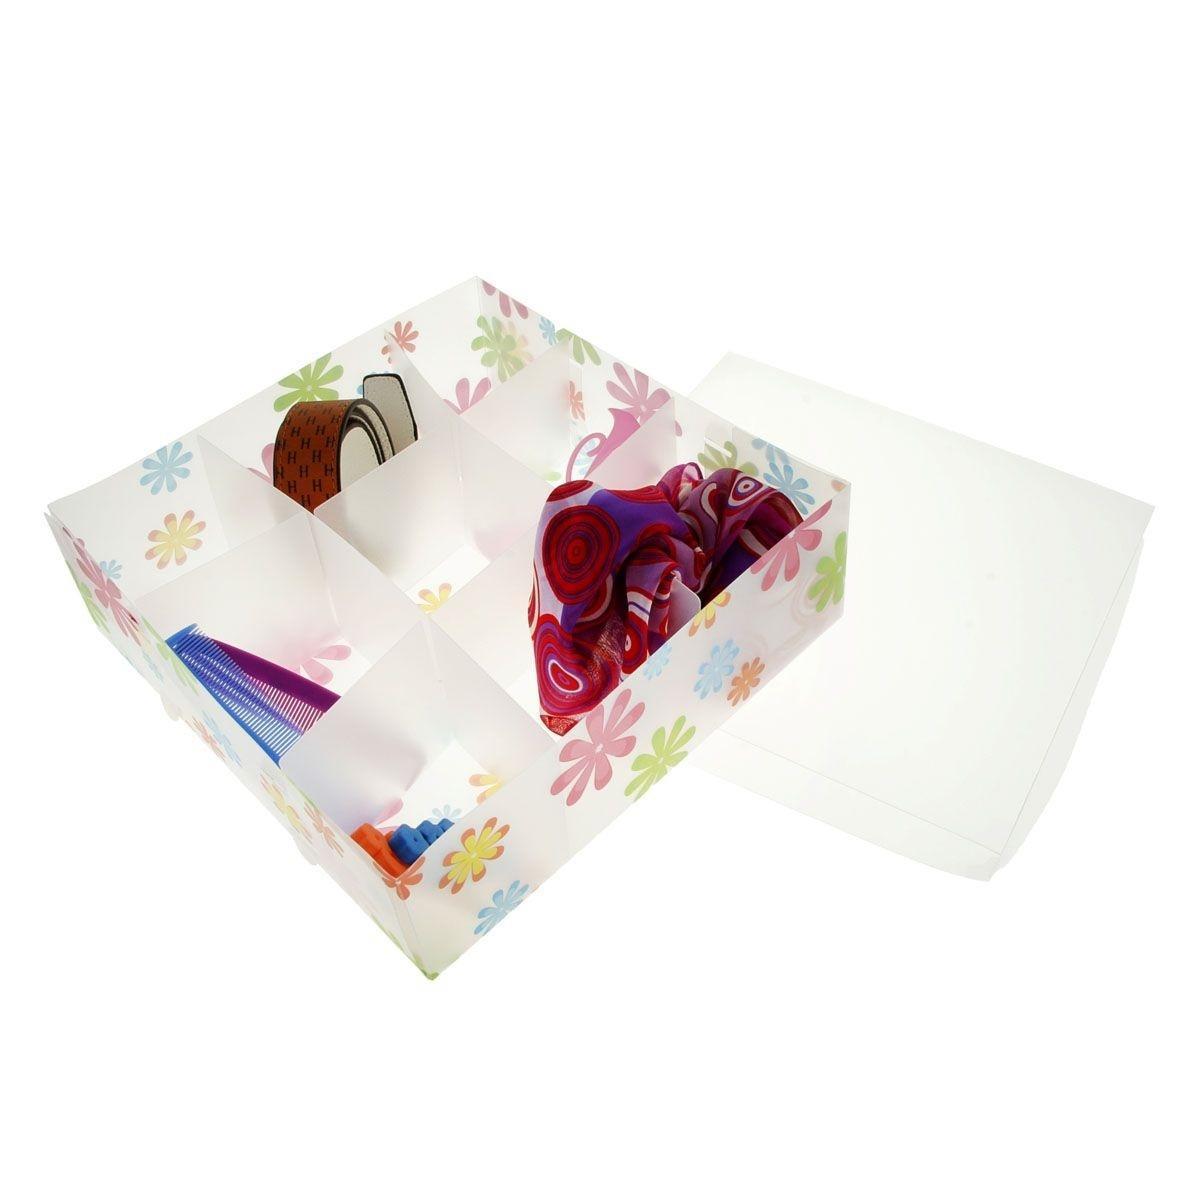 короб для хранения 30*30*10, 9 ячеек, с крышкой, цветочки 608991FS-80299Коробка для мелочей изготовлена из прочного пластика. Предназначена для хранения мелких бытовых мелочей, принадлежностей для шитья и т.д. Коробка оснащена плотно закрывающейся крышкой, которая предотвратит просыпание и потерю мелких вещиц.Коробка для мелочей сохранит ваши вещи в порядке. Материал: Пластик